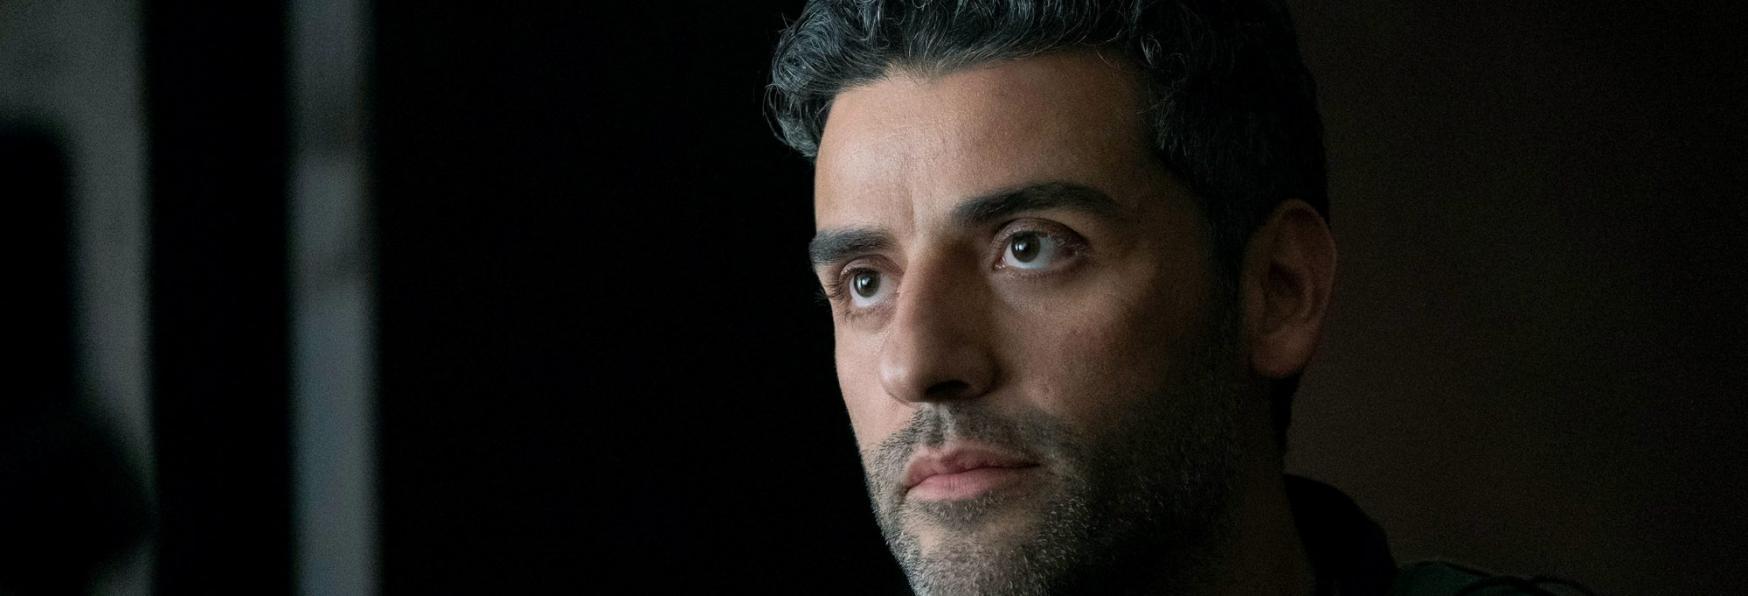 Moon Knight: la star Oscar Isaac potrebbe comparire nella nuova Serie TV Marvel